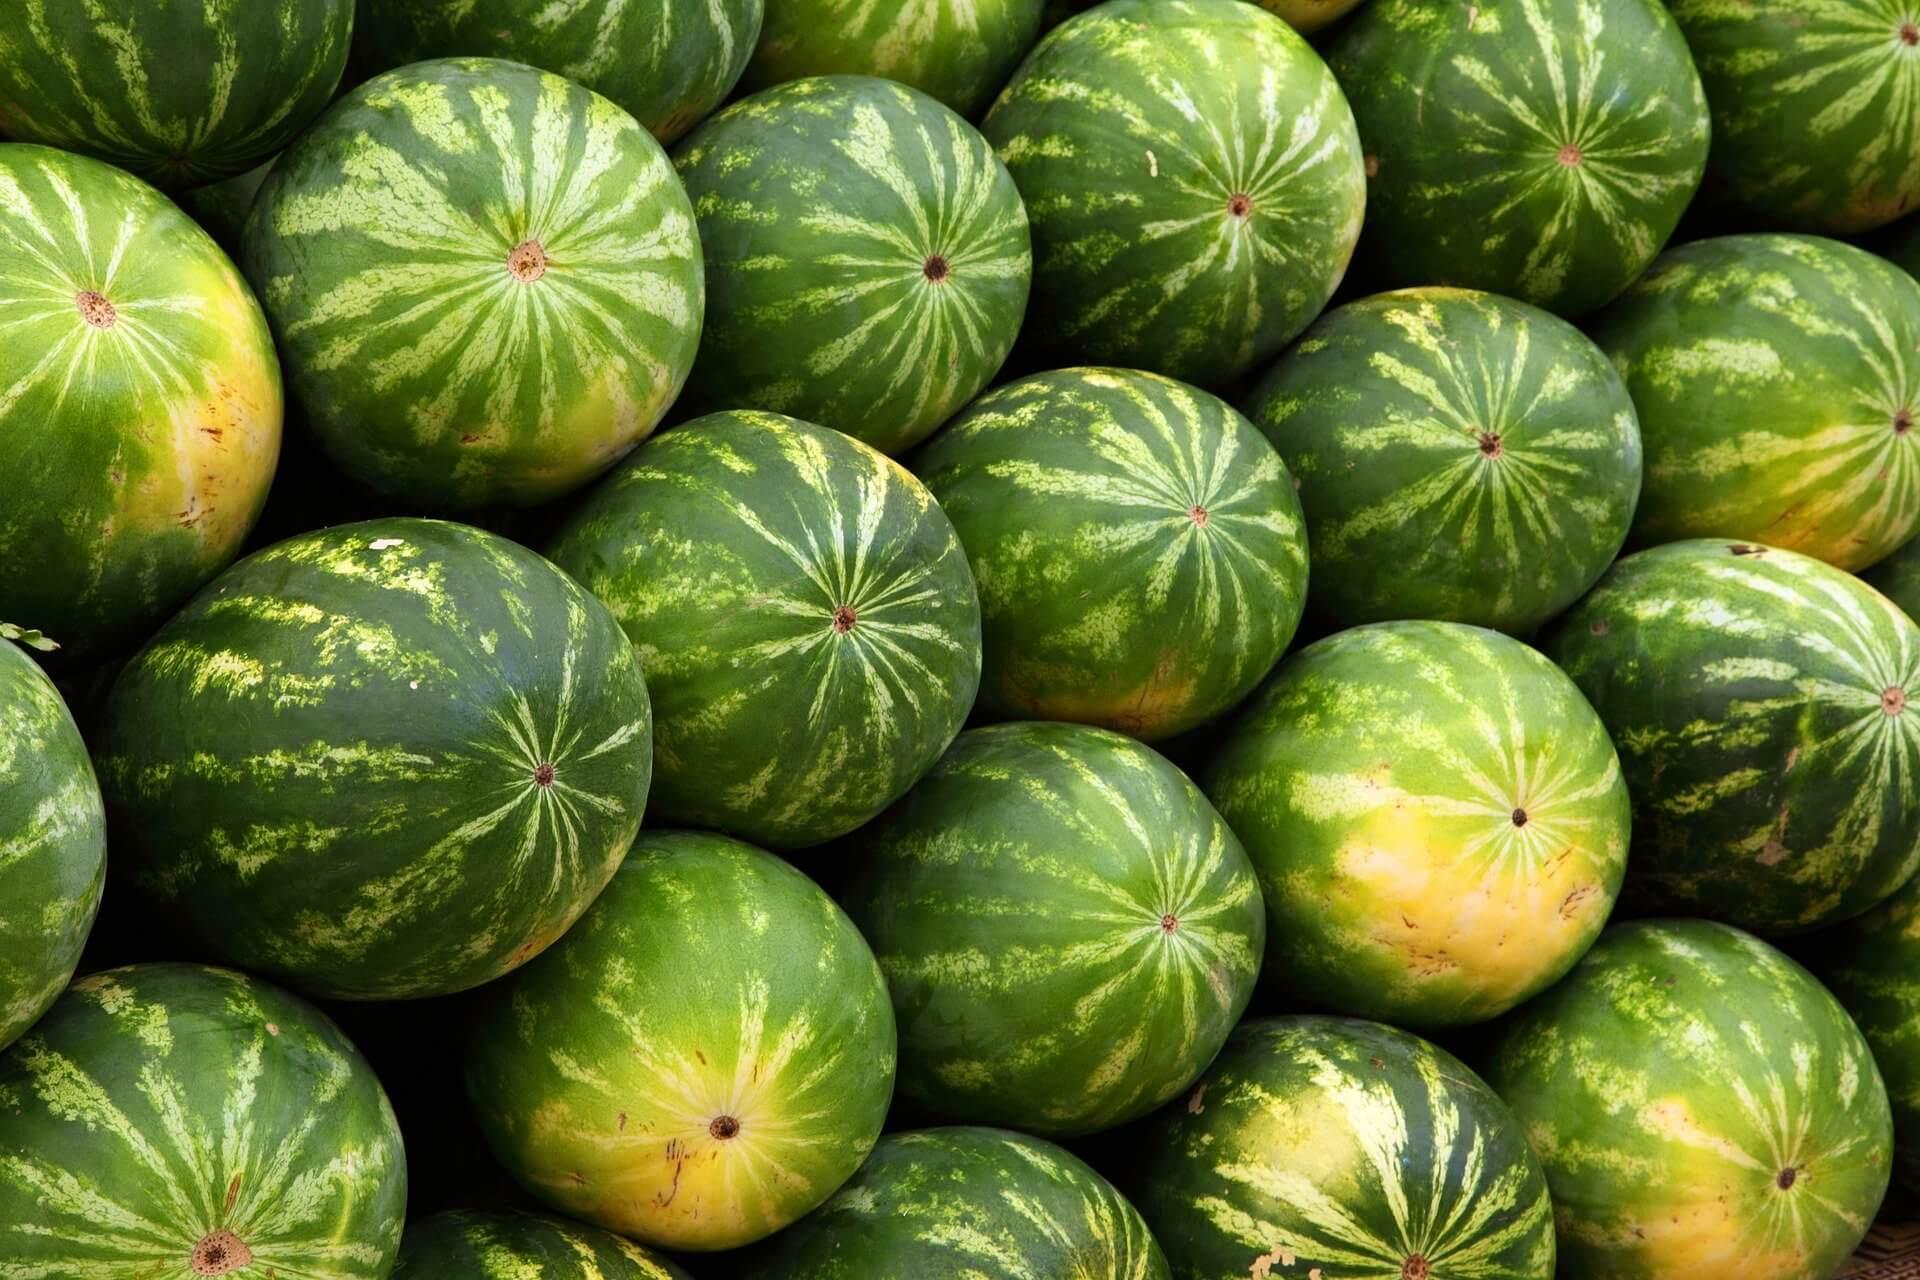 Сладкий август. Как покупают арбузы и дыни